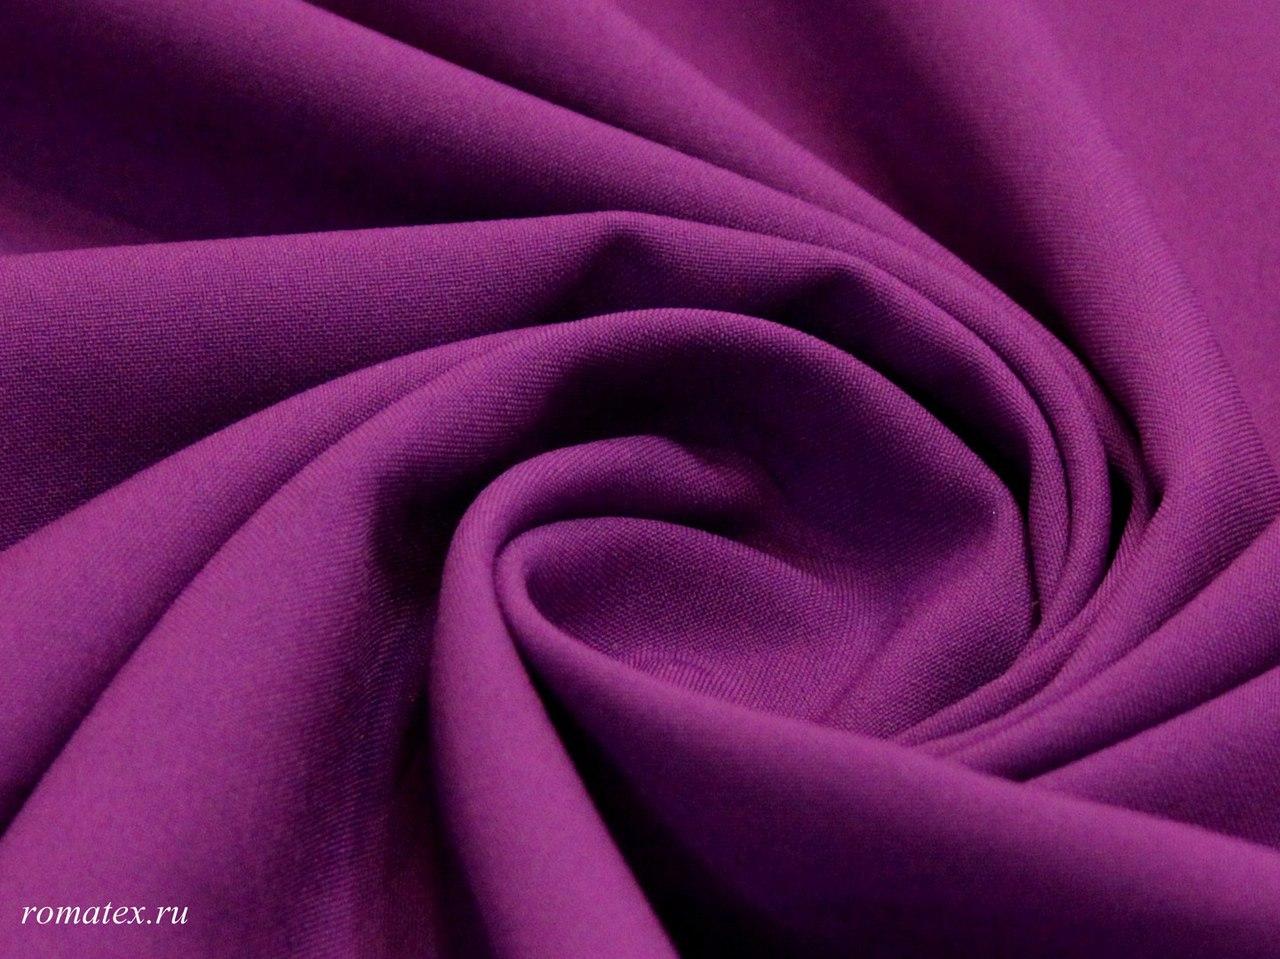 Ткань габардин цвет лиловый